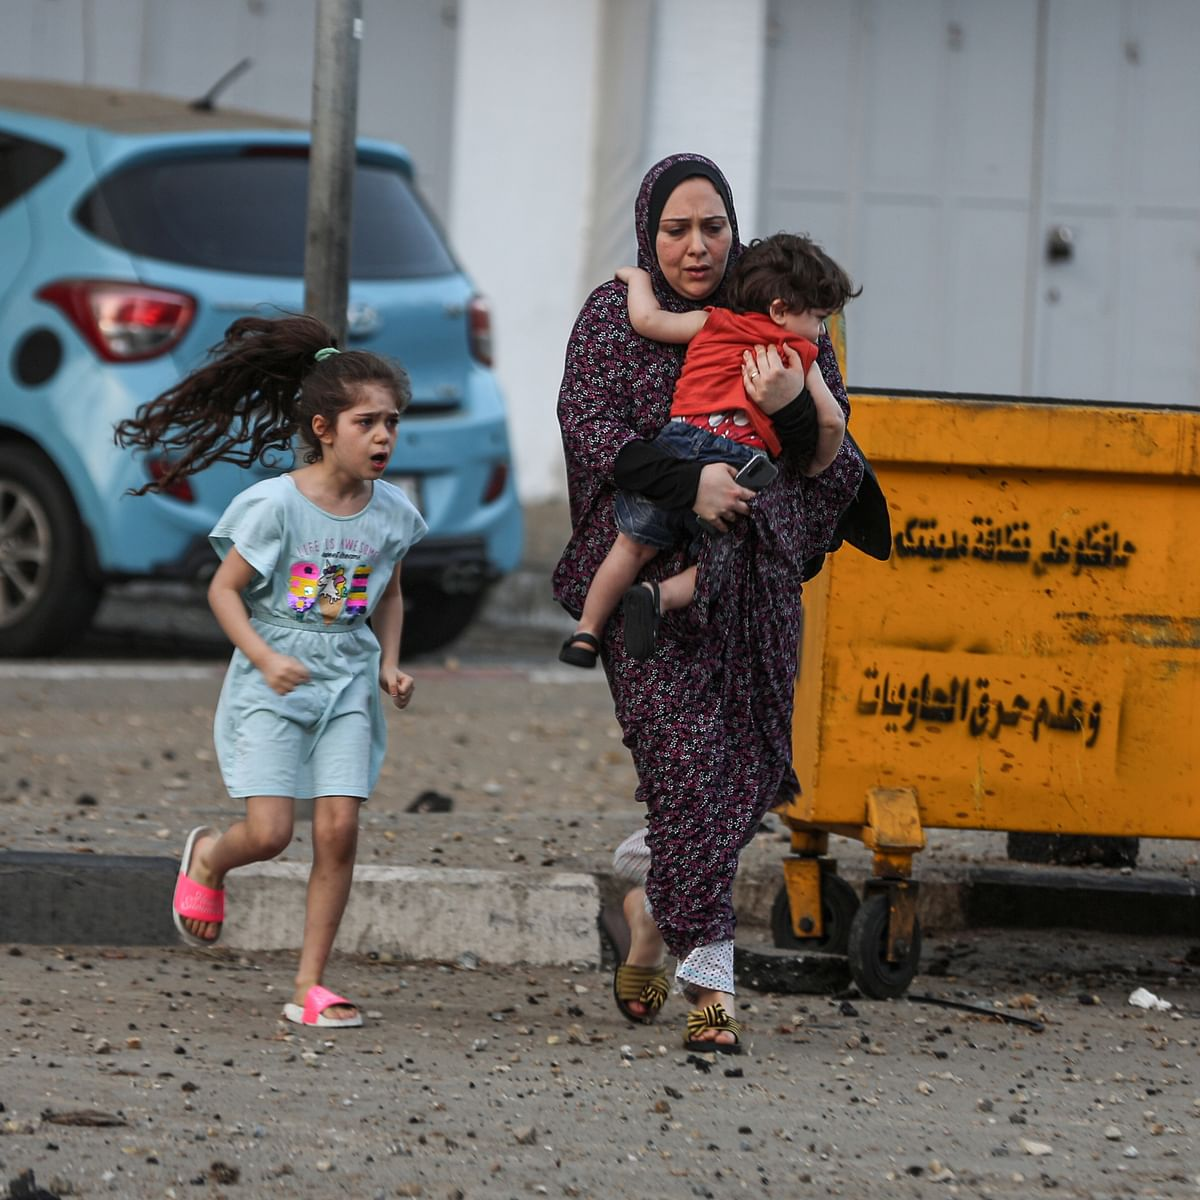 بدحواس حالت میں فلسطینی خاتون اپنے بچوں کی حفاظت کی کوشش کرتے ہوئے / Getty Images